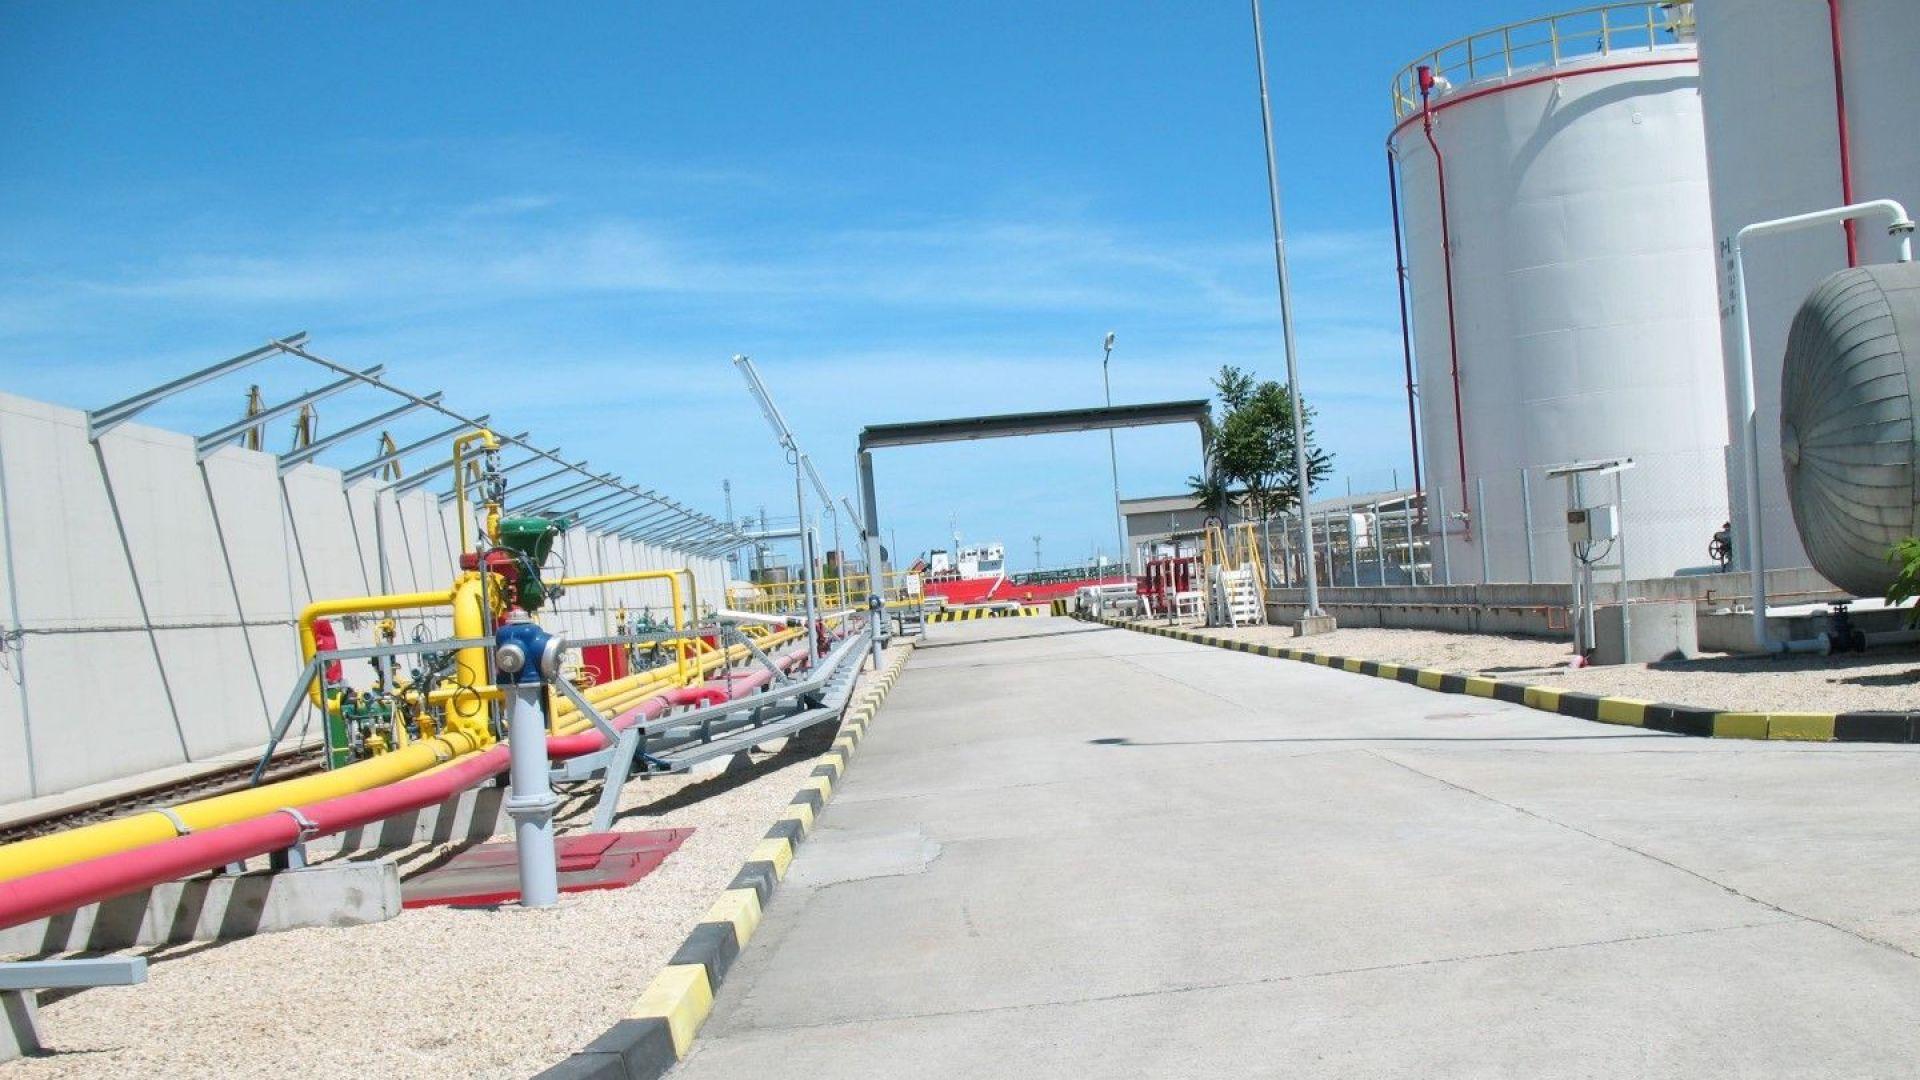 """От началото на концесионния договор през 2012 г. досега дружеството е инвестирало в пристанищните терминали """"Изток 2"""" и """"Запад"""" 99 млн. евро"""